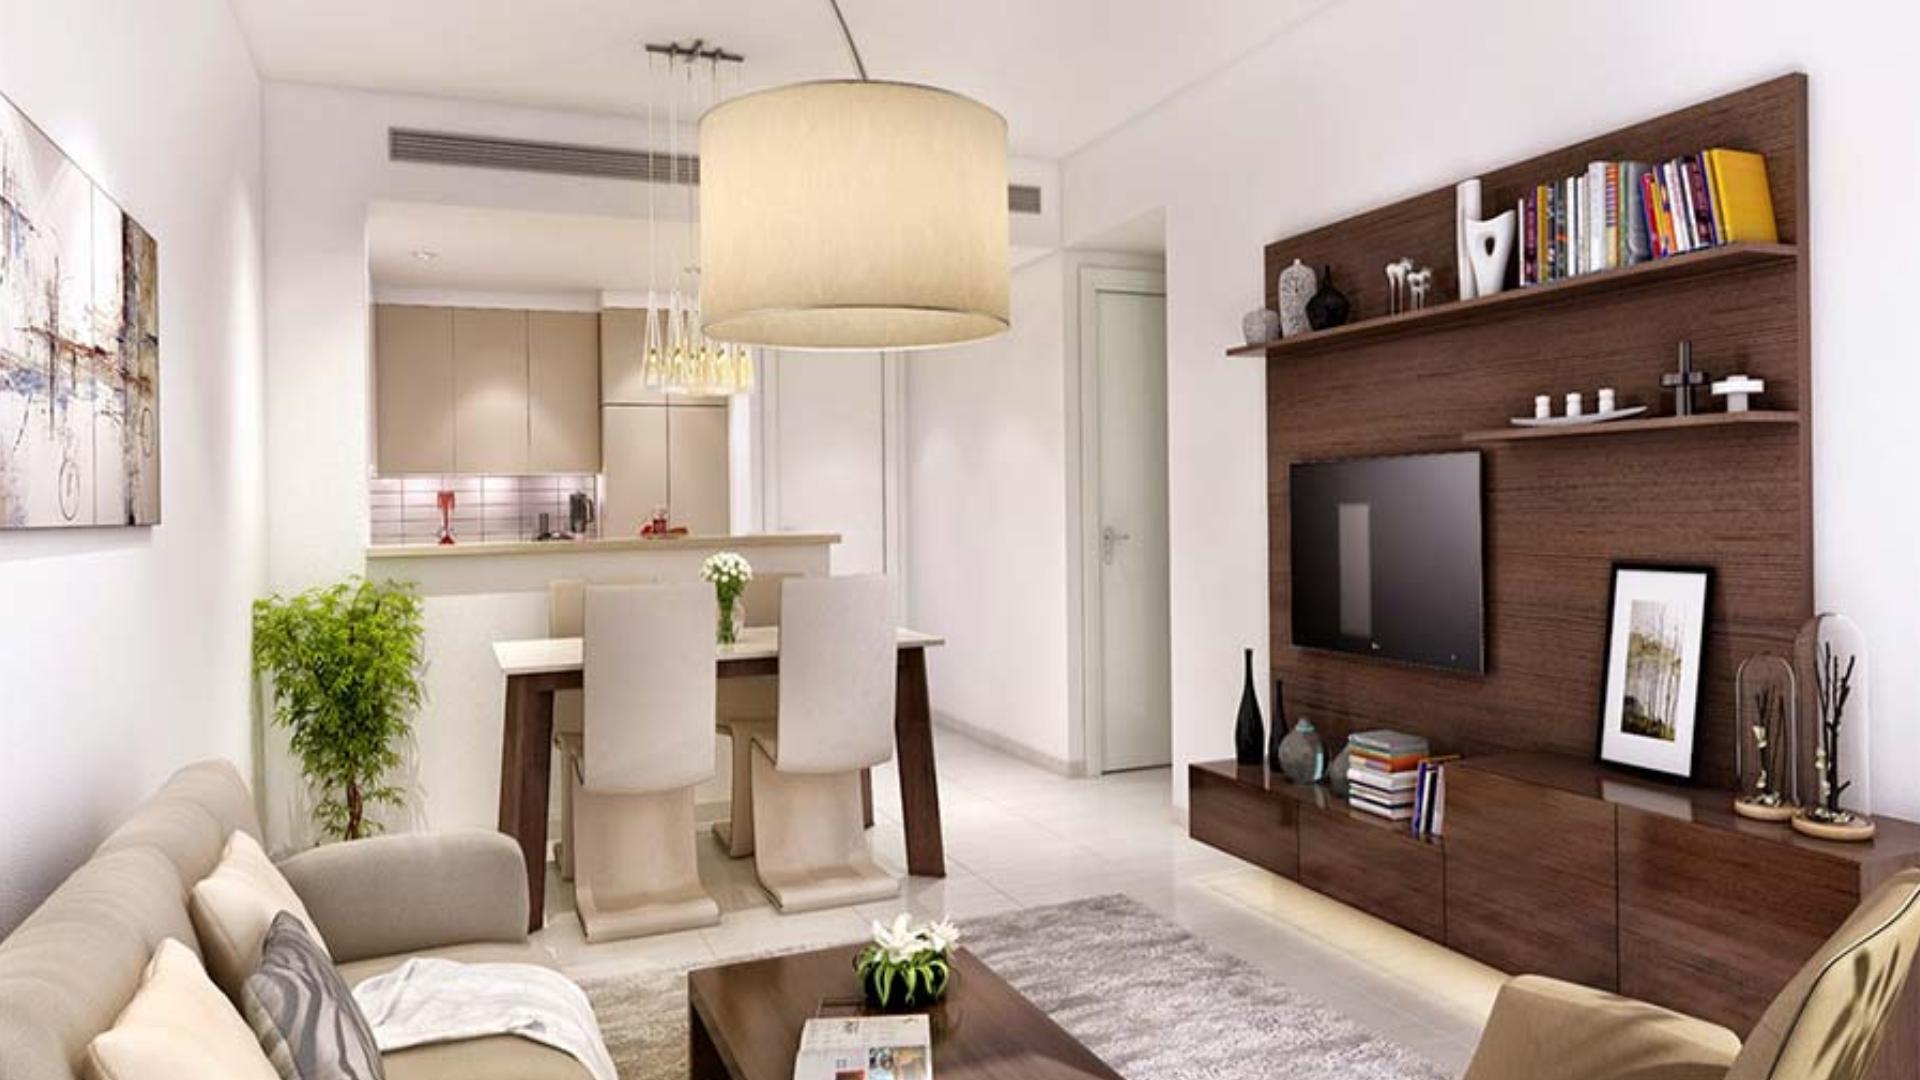 Apartamento en venta en Dubai, EAU, 3 dormitorios, 219 m2, № 24337 – foto 1